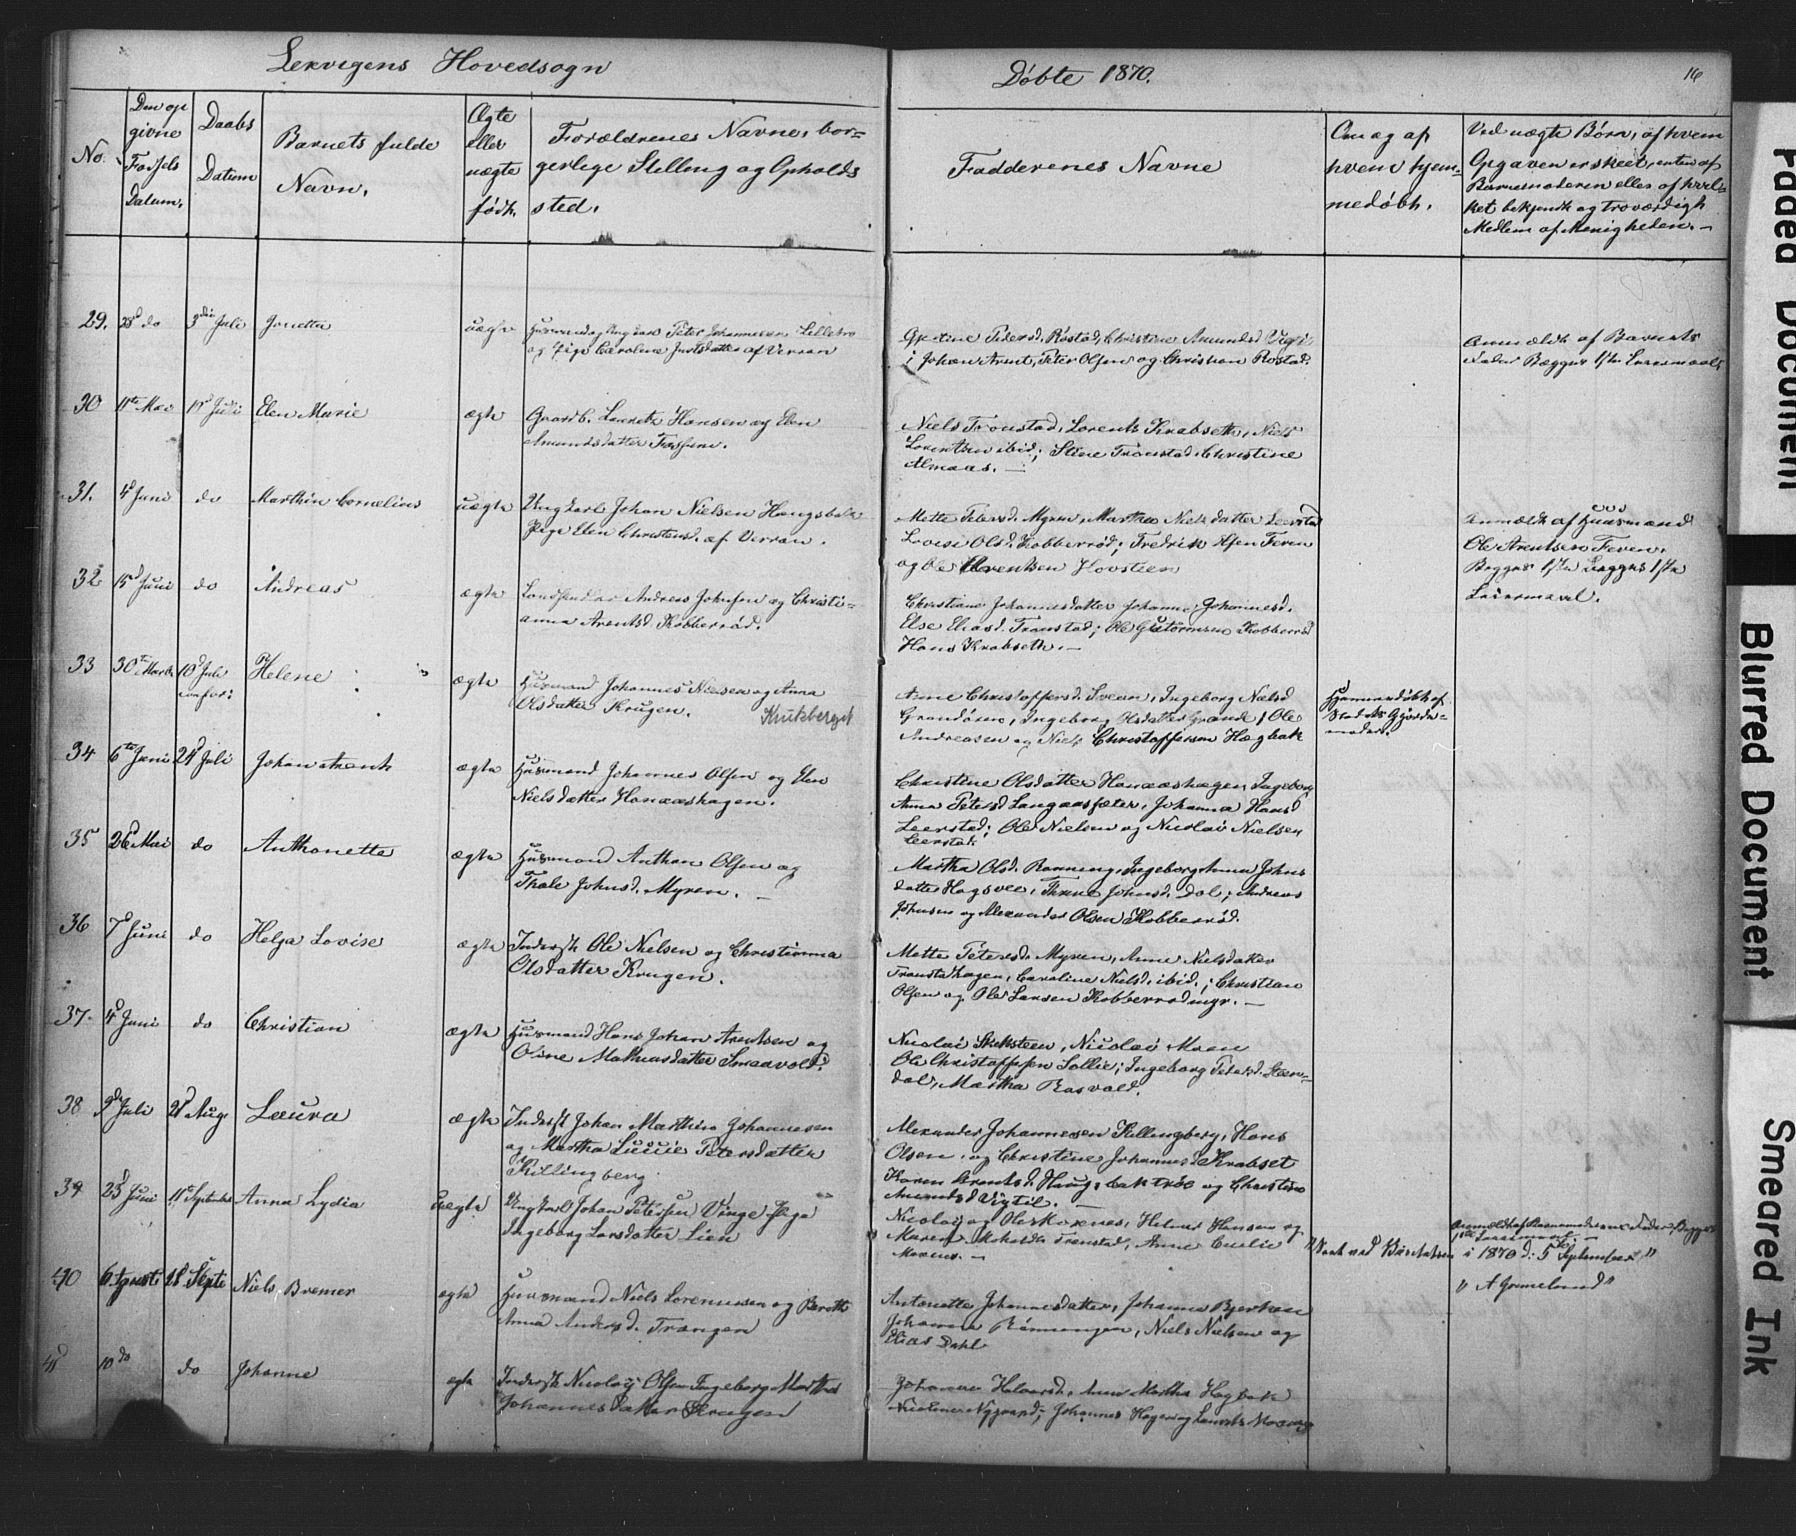 SAT, Ministerialprotokoller, klokkerbøker og fødselsregistre - Nord-Trøndelag, 701/L0018: Klokkerbok nr. 701C02, 1868-1872, s. 16